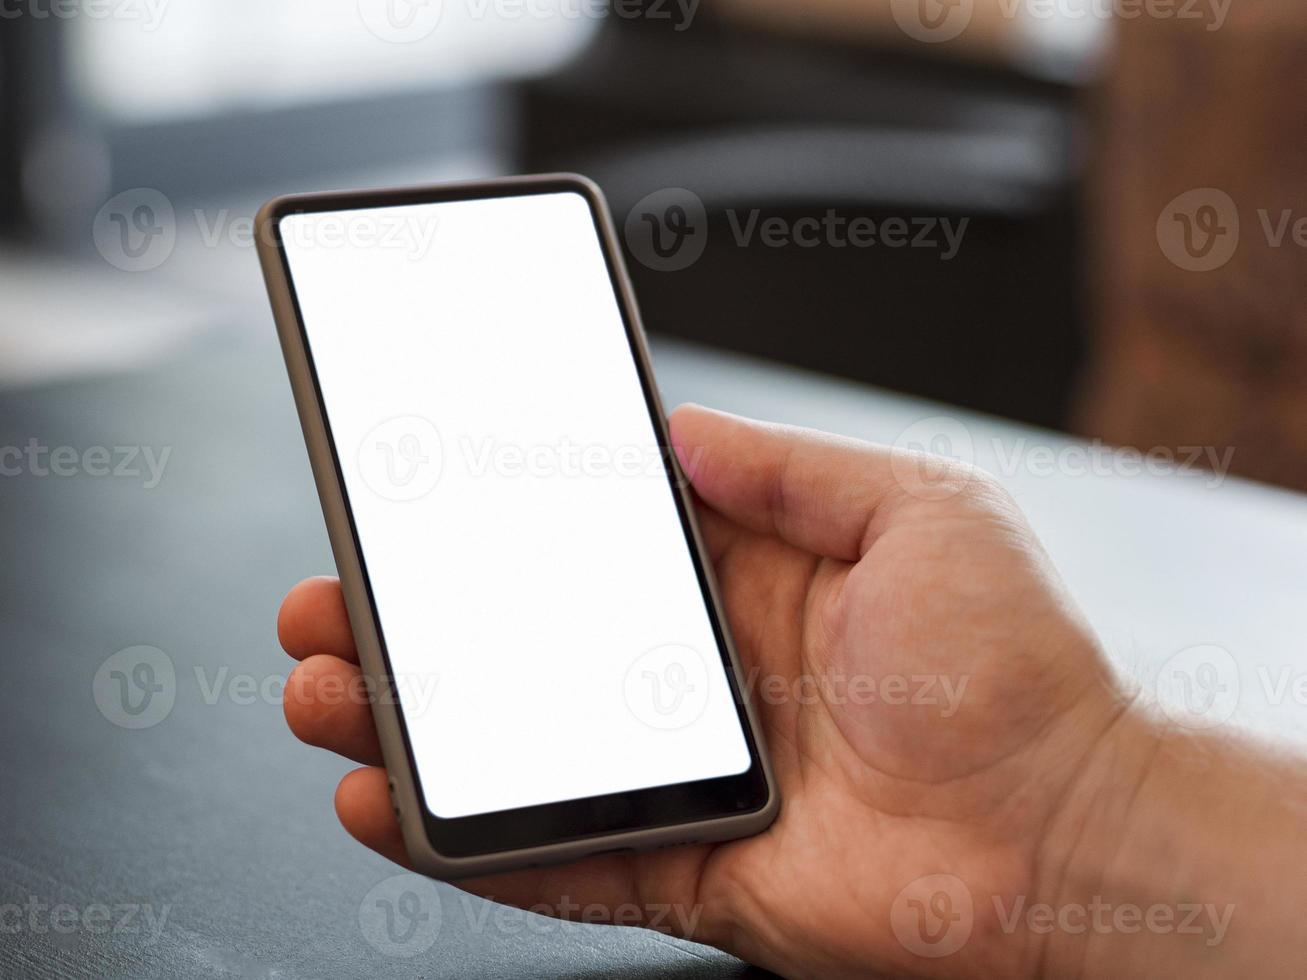 närbild handen håller telefon mockup foto